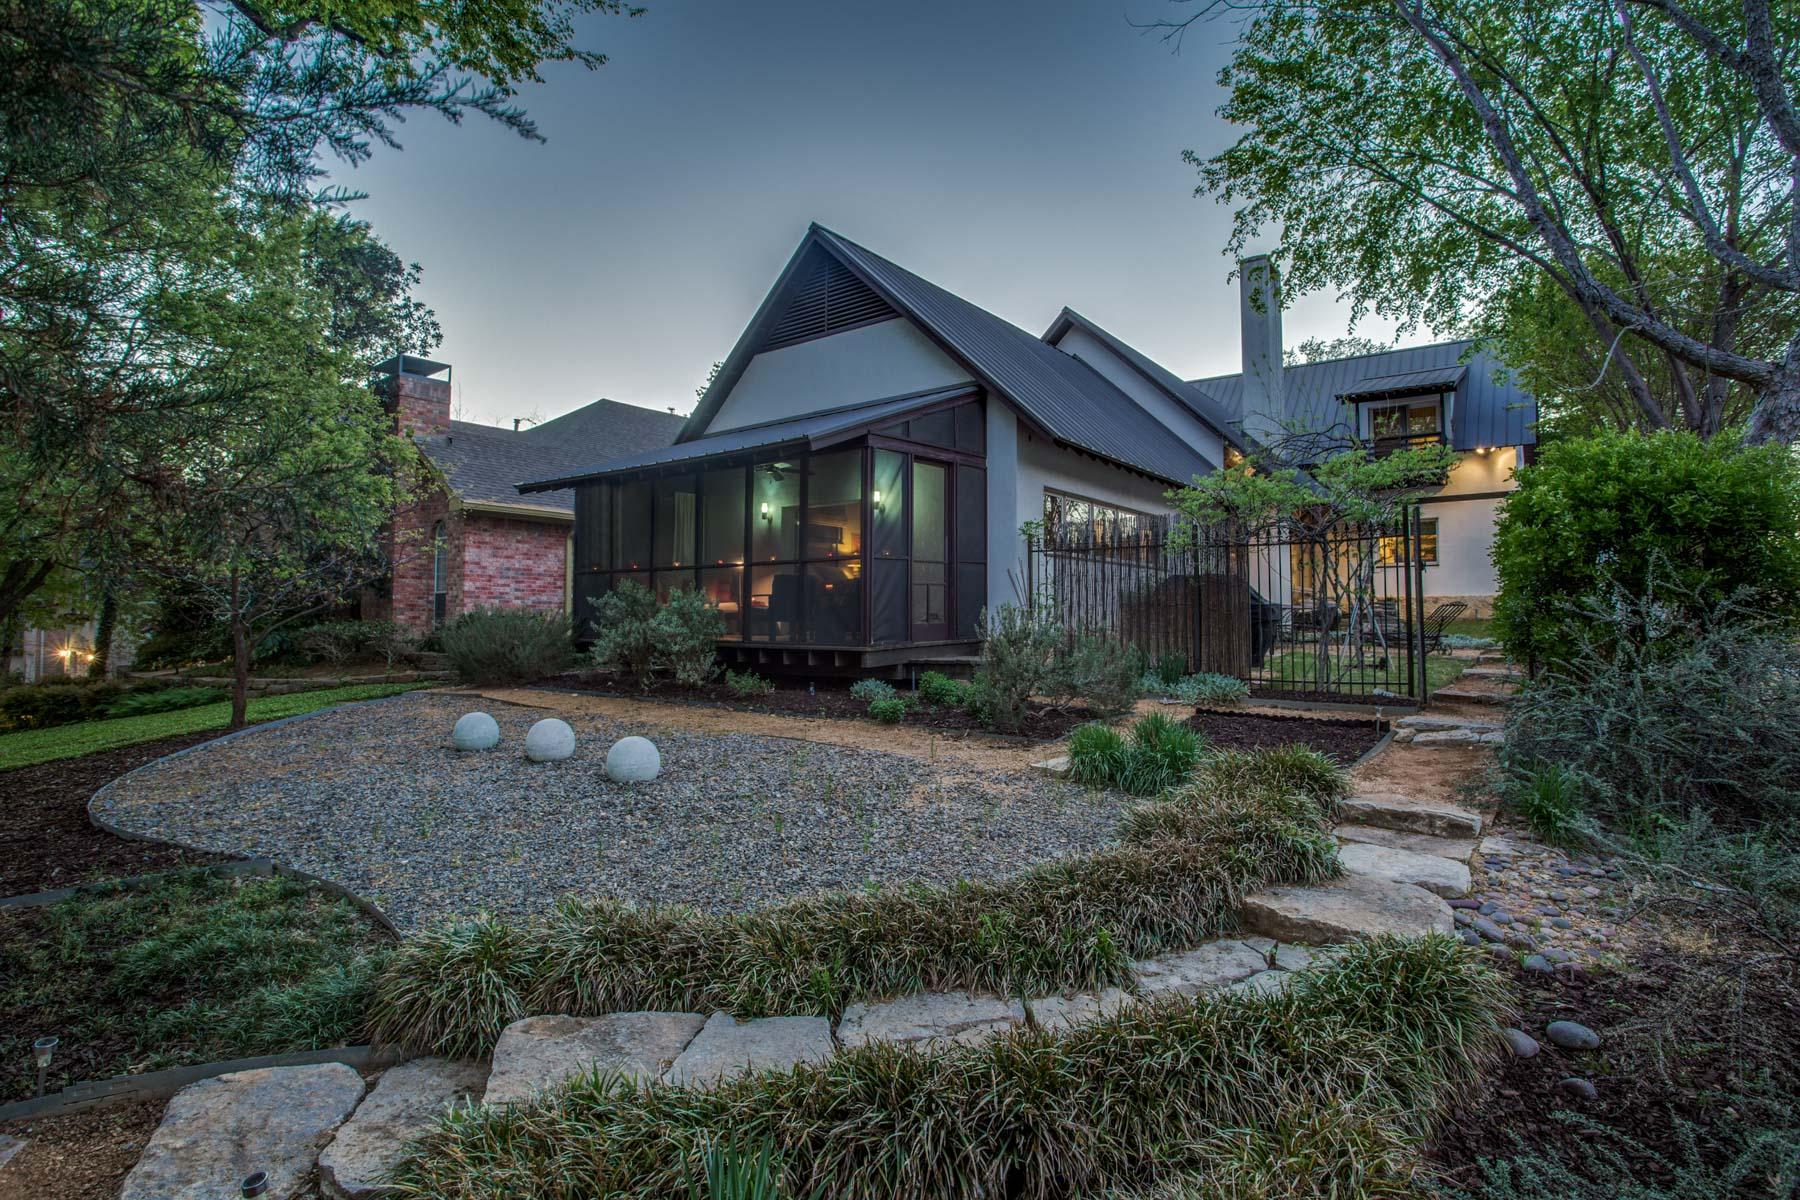 Villa per Vendita alle ore 8605 White Rock Trail, Dallas 8605 White Rock Trl Dallas, Texas, 75238 Stati Uniti